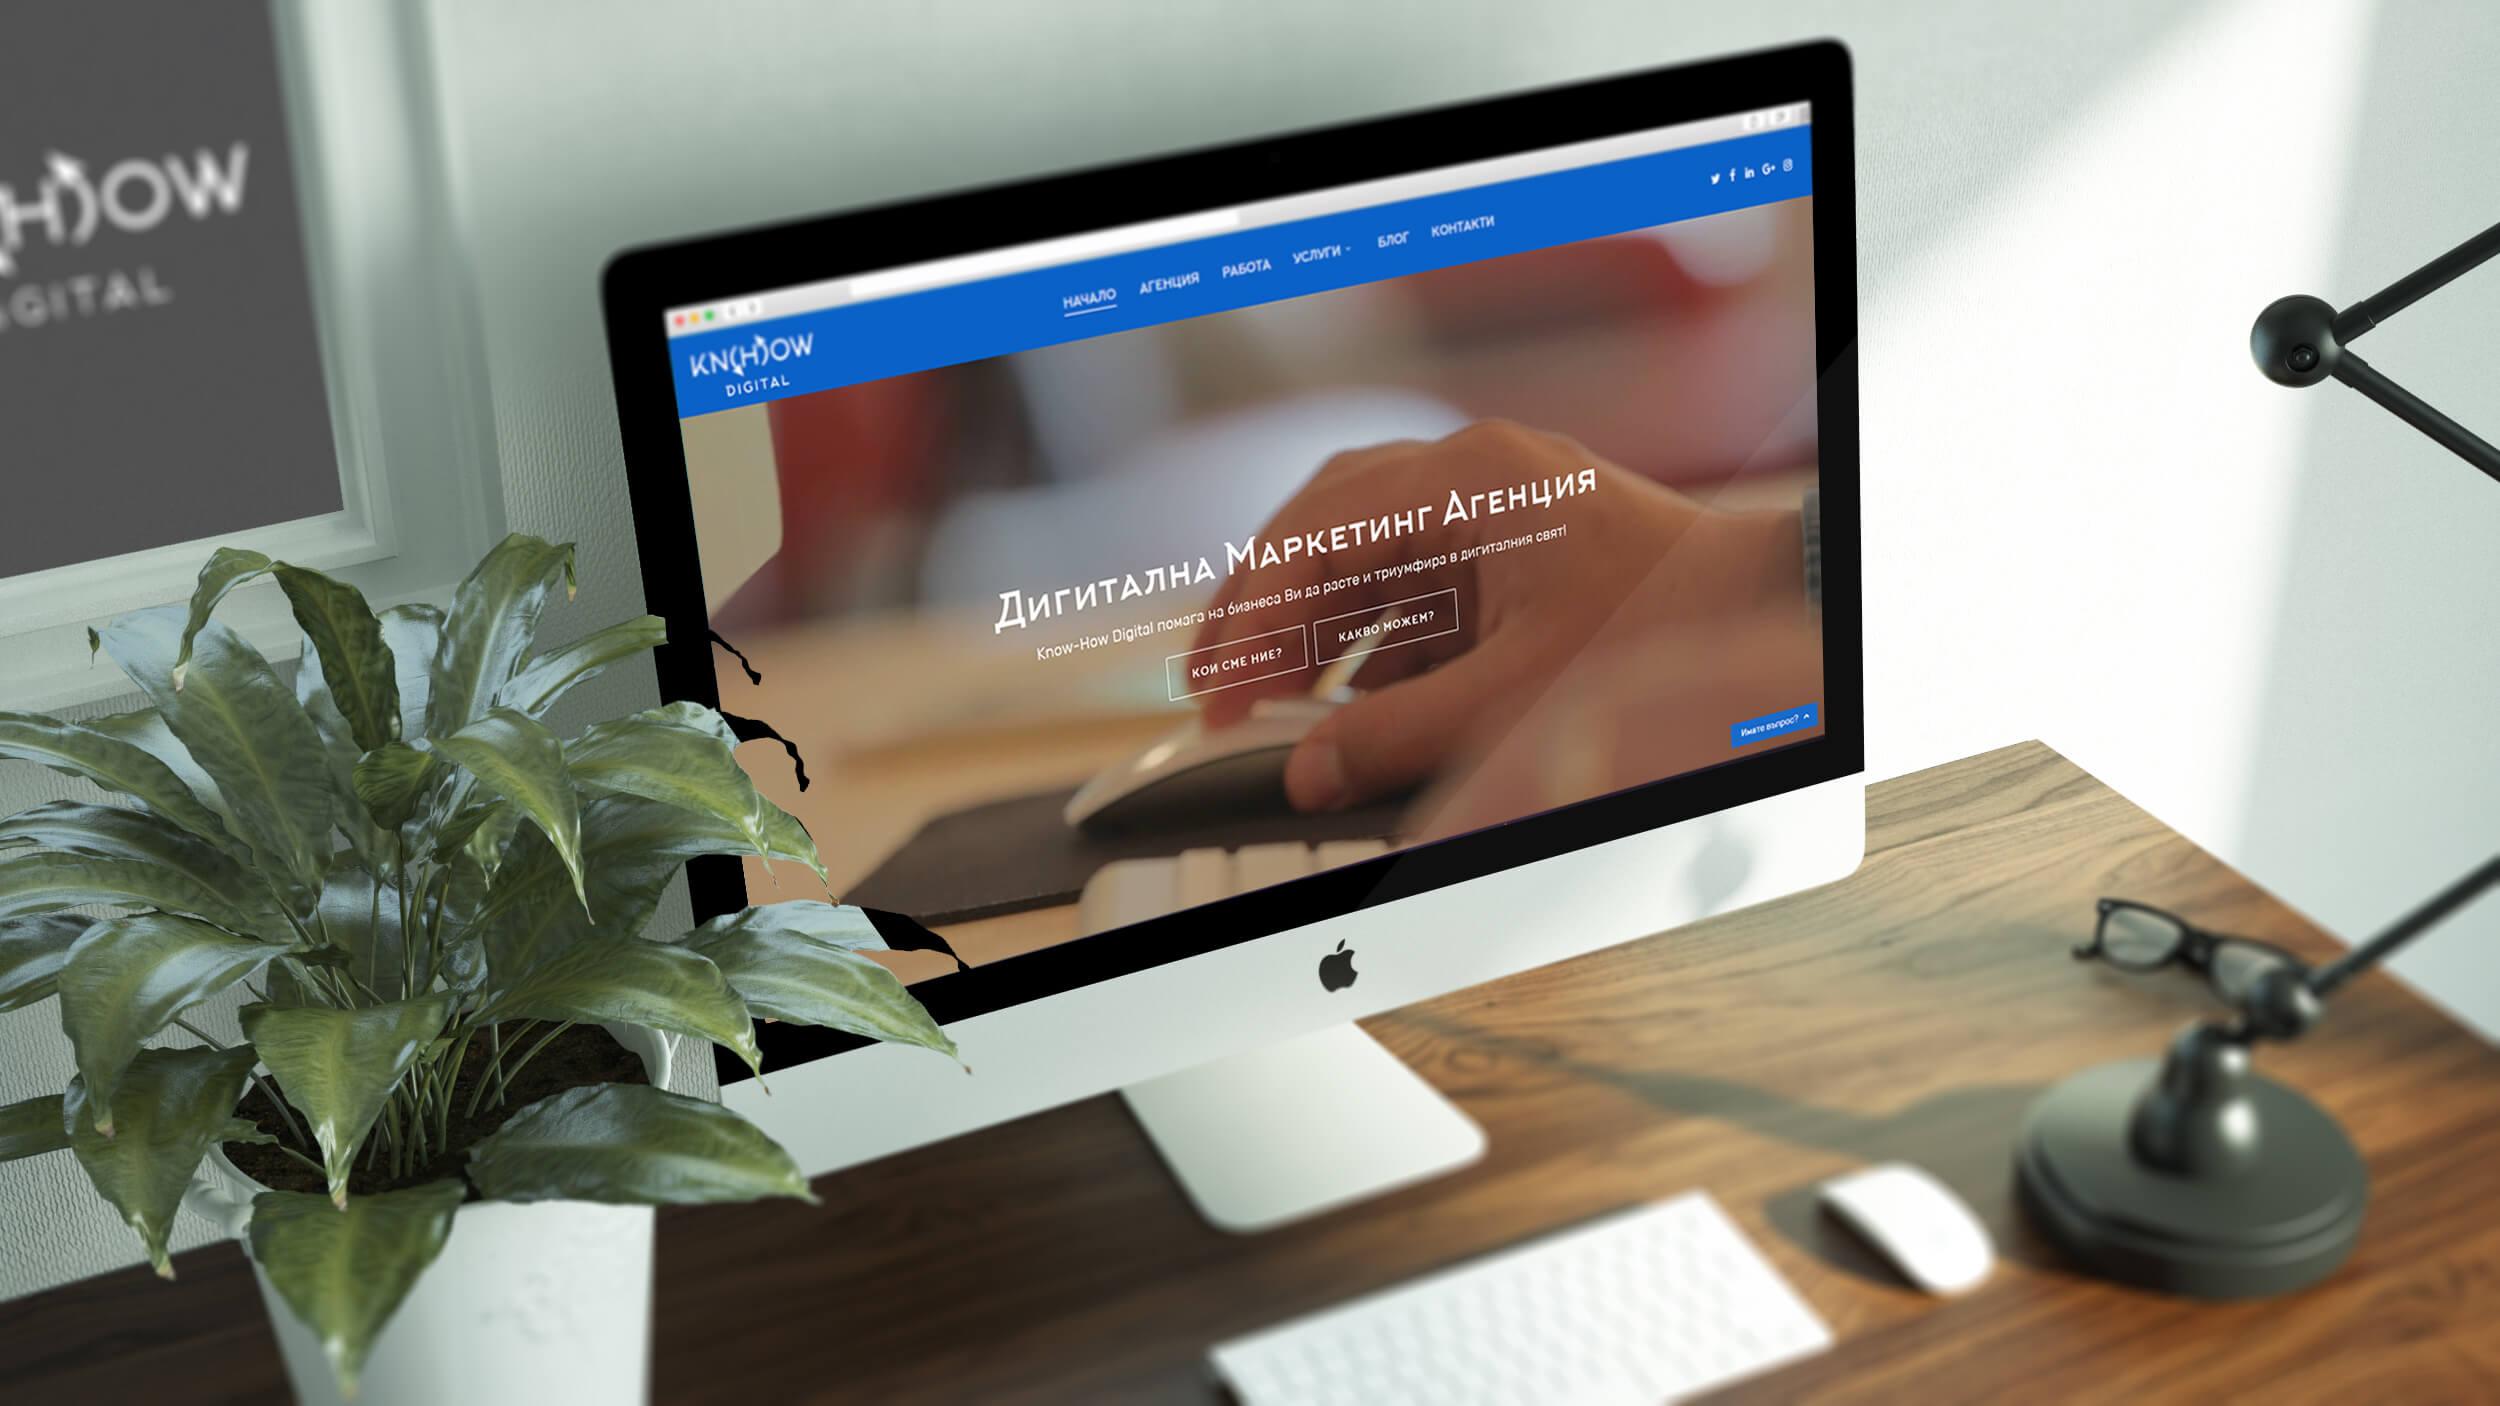 Представяме Ви новата дигитална маркетинг агенция в град Варна – Know-How Digital!